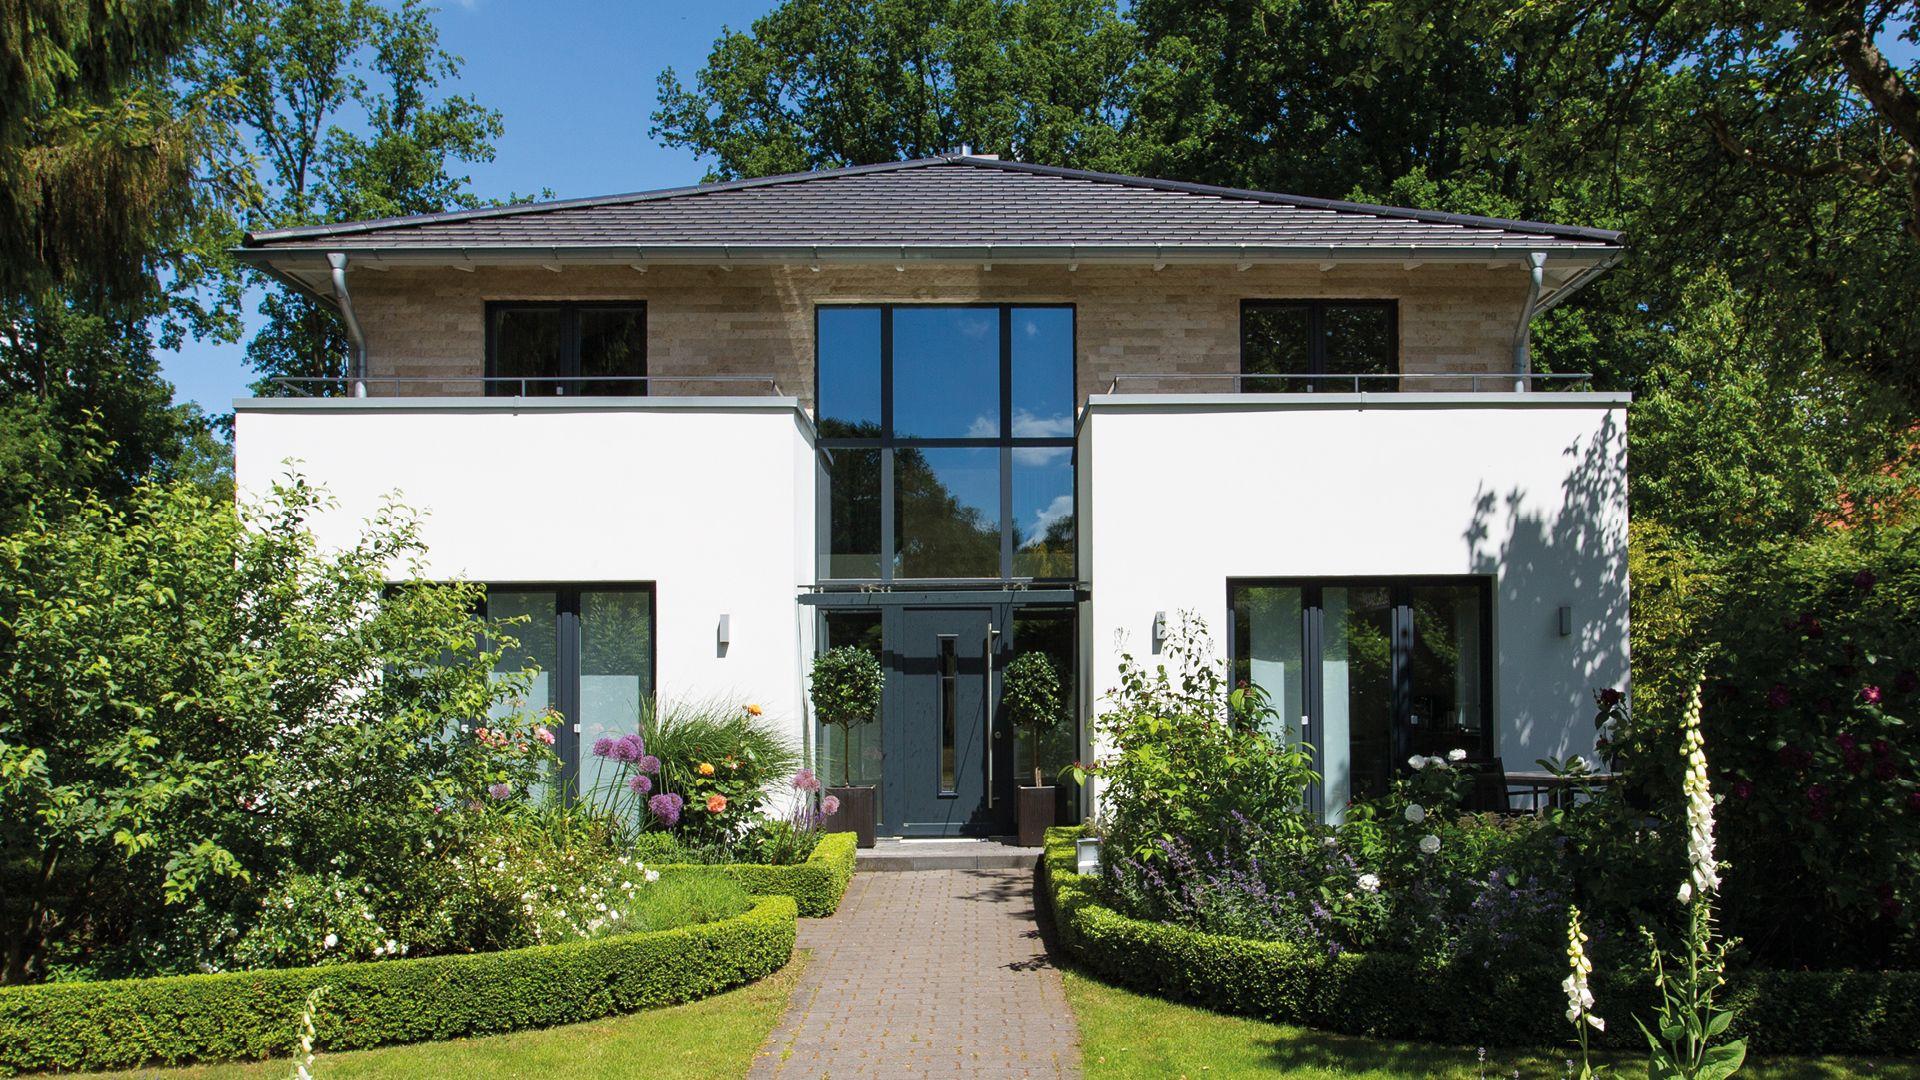 Stadtvilla By Mollwitz Haus Architektur Haus Baustil